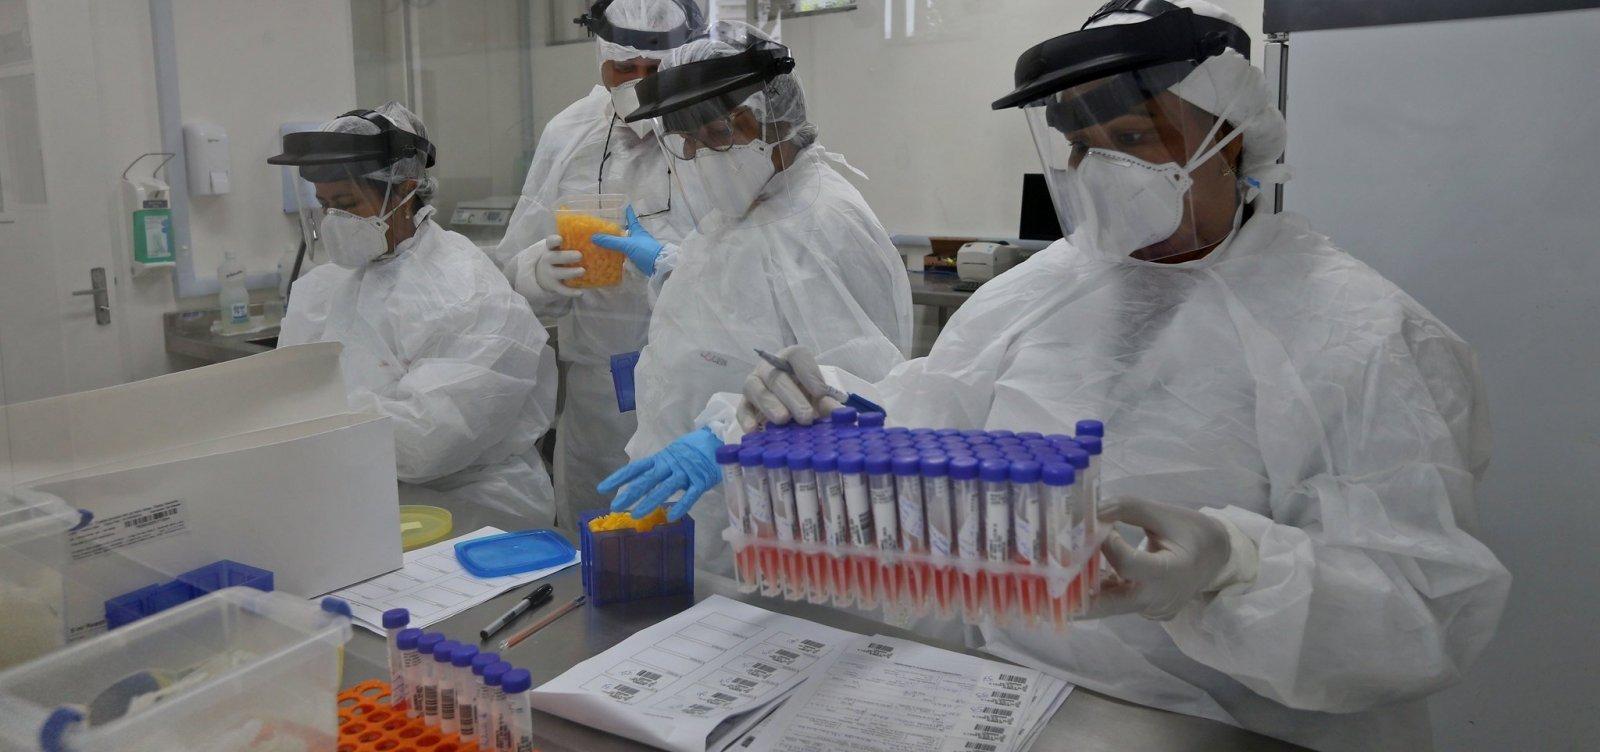 Covid-19: Salvador contabiliza 826 novos casos e 50 mortes em 24h